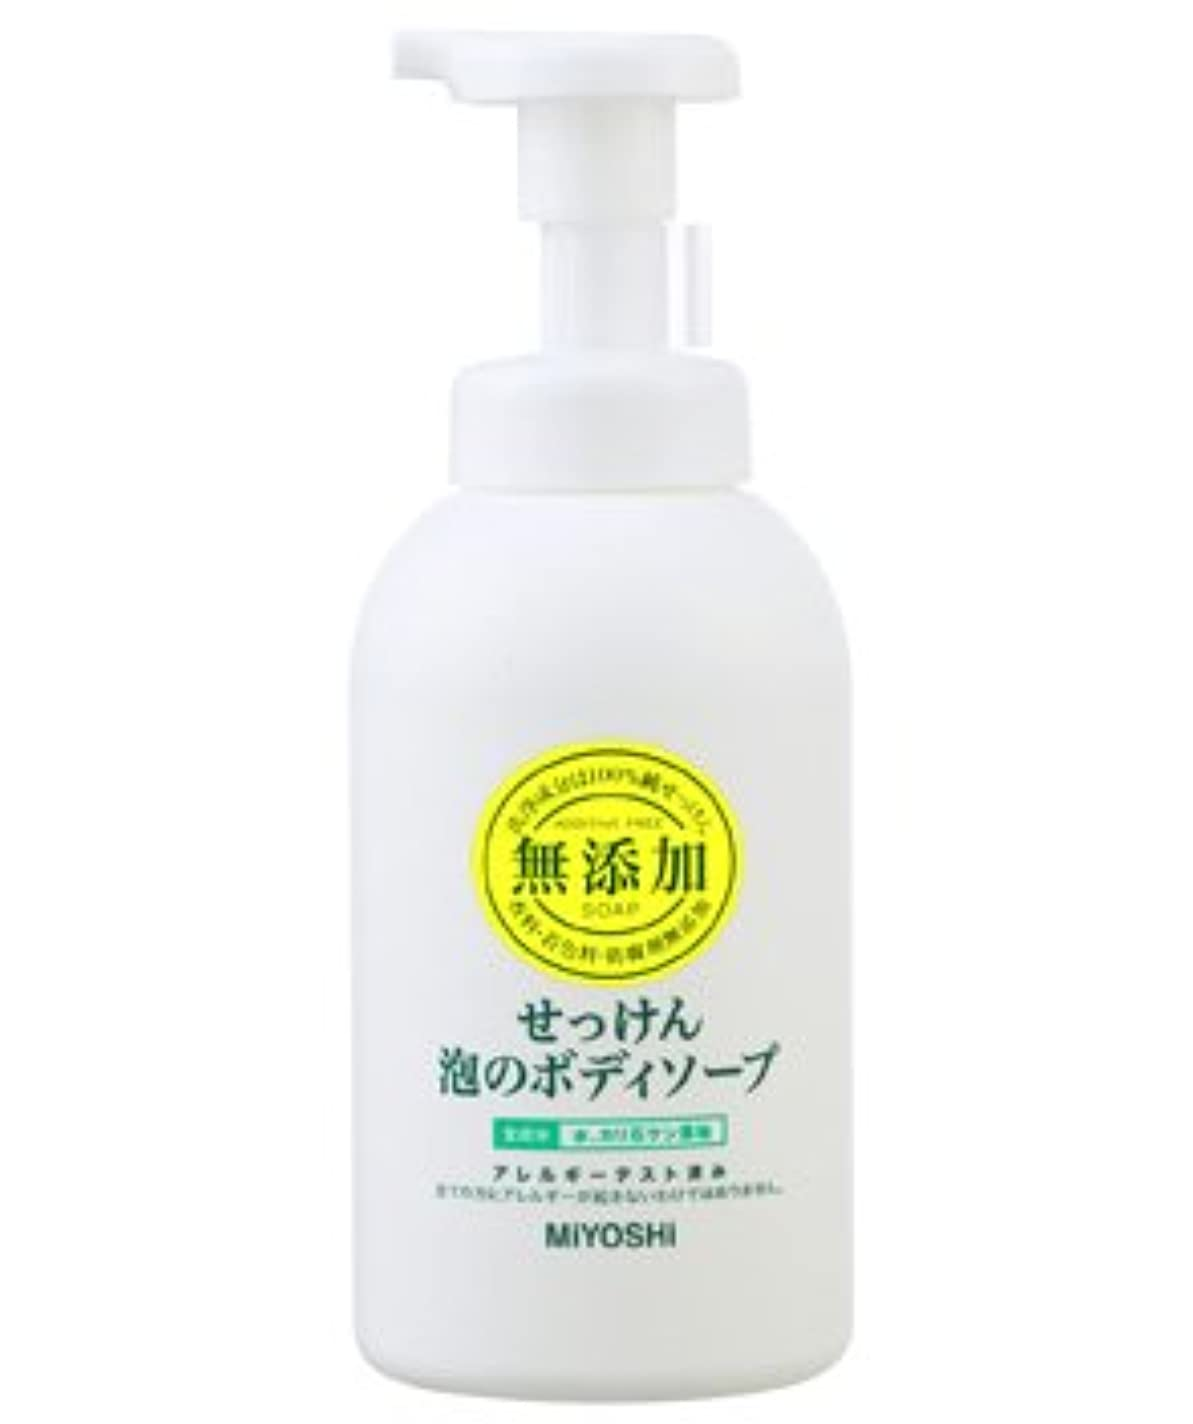 三十スキニー確立ミヨシ石鹸 無添加 せっけん 泡のボディソープ 500ml(無添加石鹸)×15点セット (4537130101544)